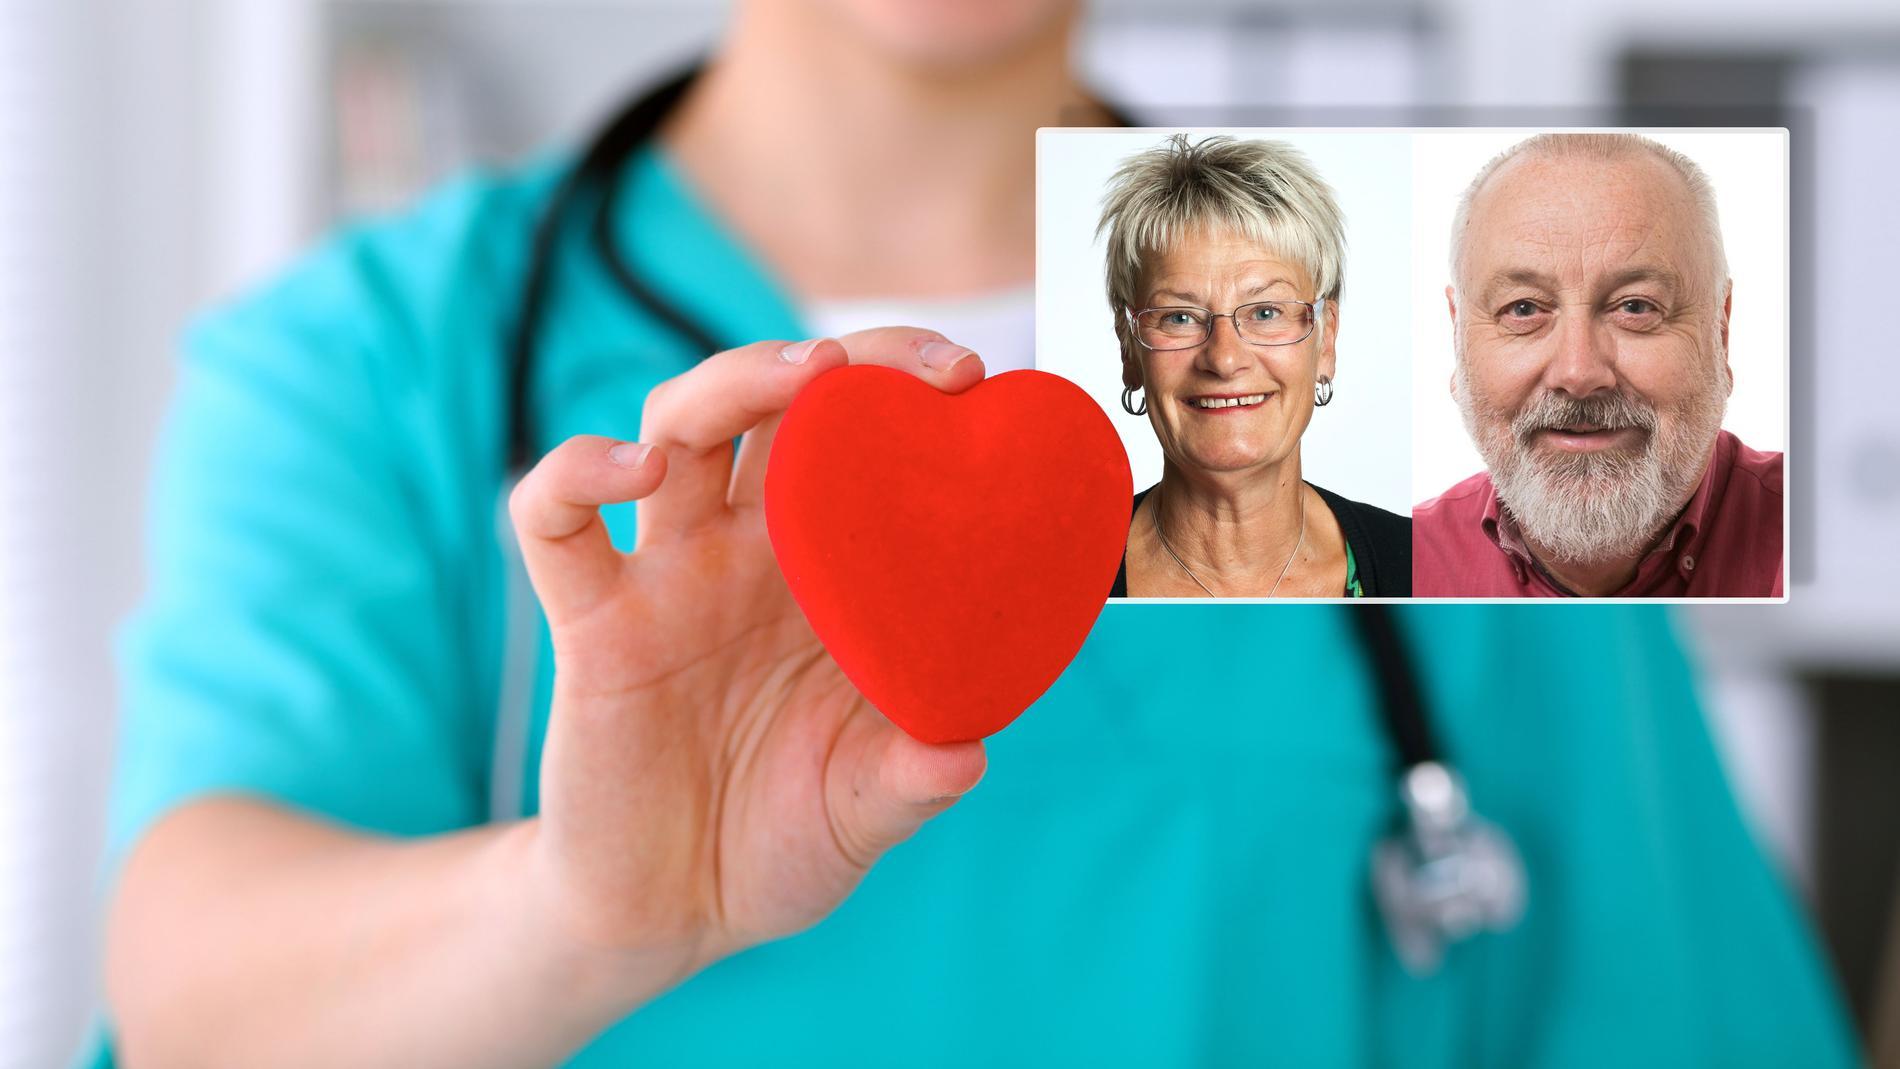 Trots att fakta finns får inte patienter tillräcklig information om kopplingen mellan diabetes och hjärt- och kärlsjukdom, skriver Thomas Magnusson och Inger Ros.